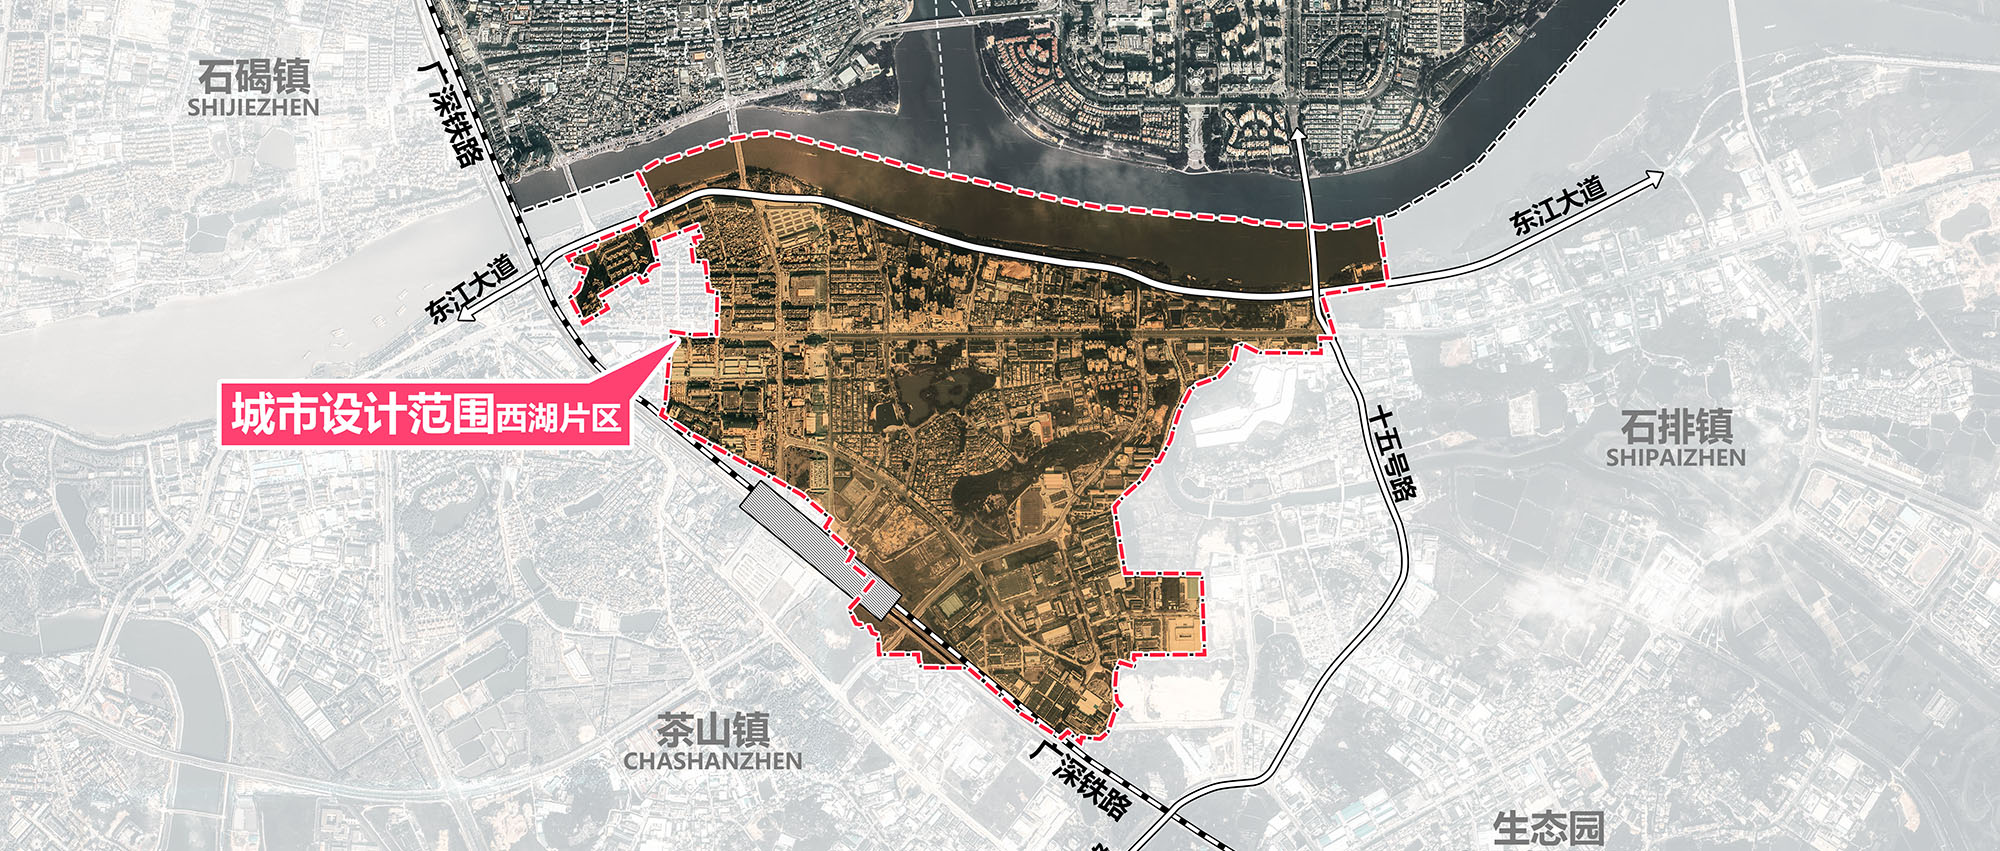 石龙镇西湖片区城市设计竞赛